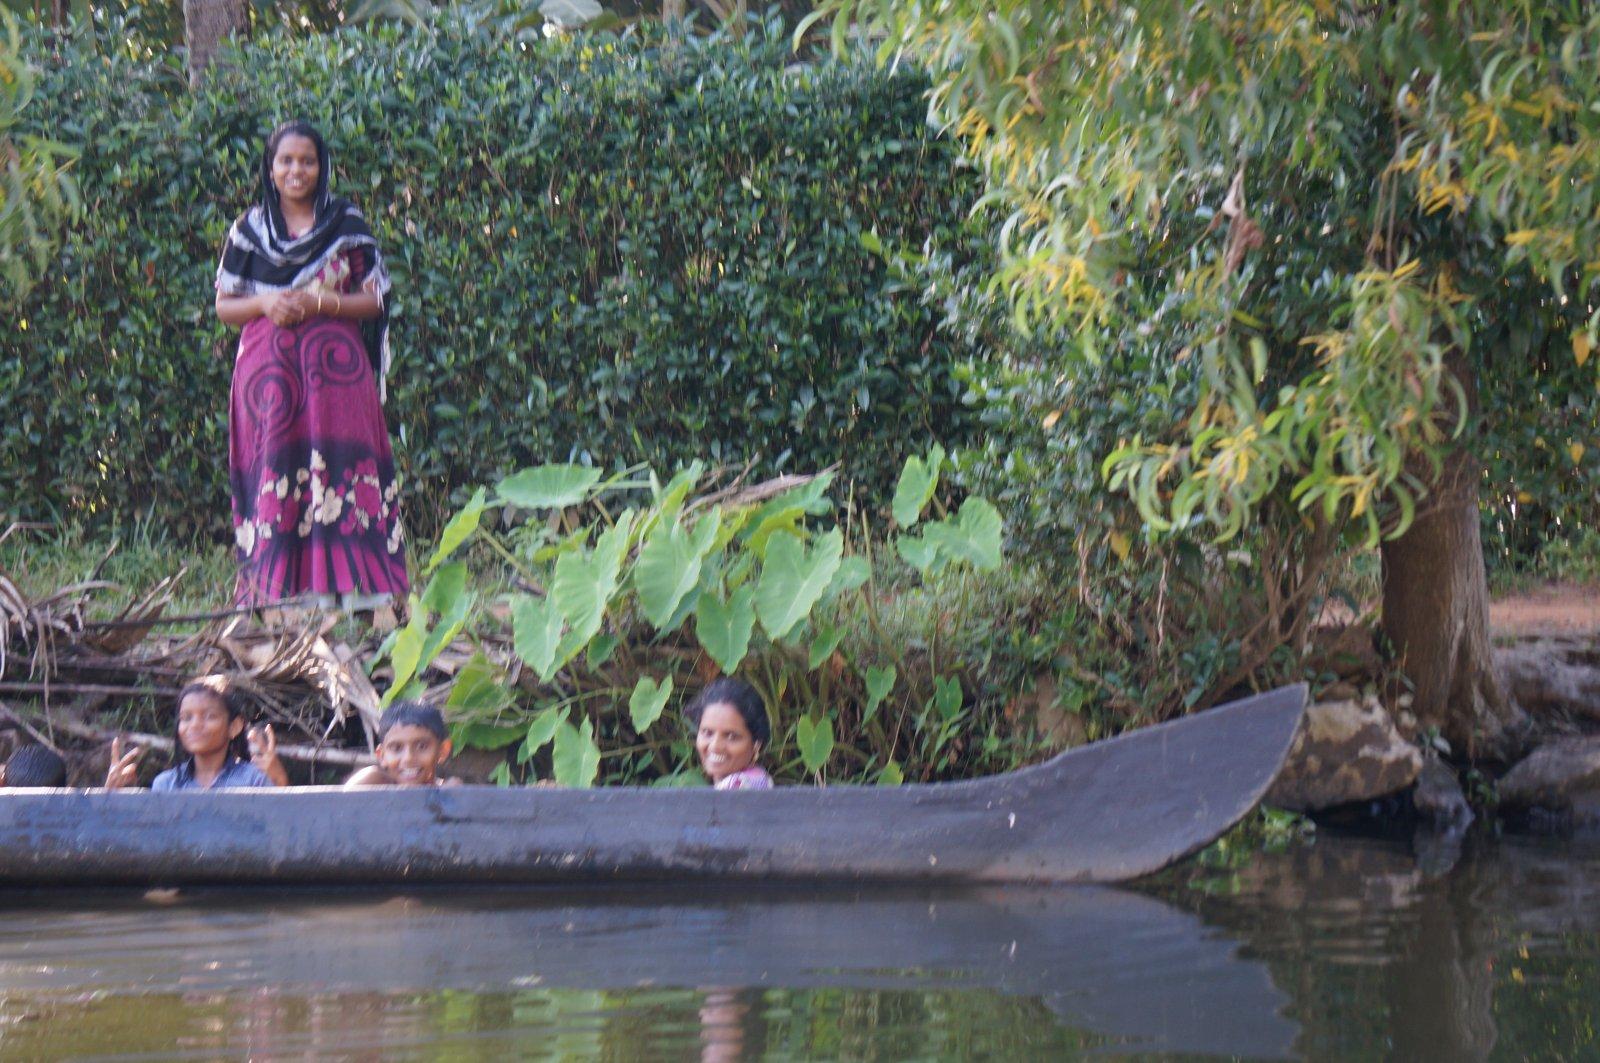 Красоты Южной Индии: Керала. Кочин-Муннар-Кумили-Алеппи-Варкала. 5 дней+морской отдых в Варкале